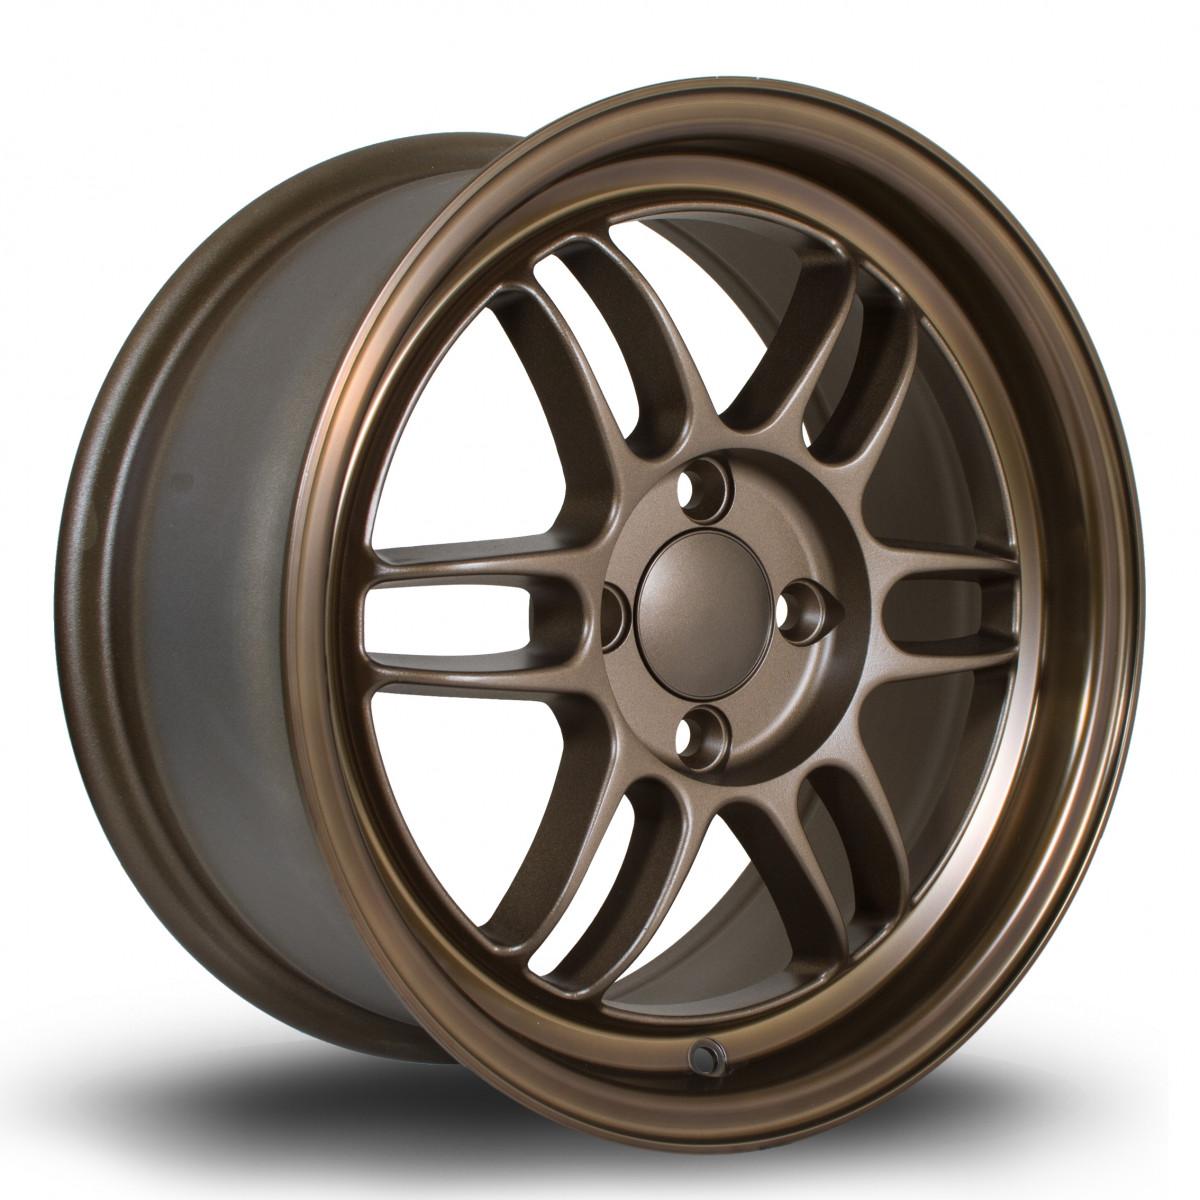 TFS301 15x7 4x100 ET38 Speed Bronze